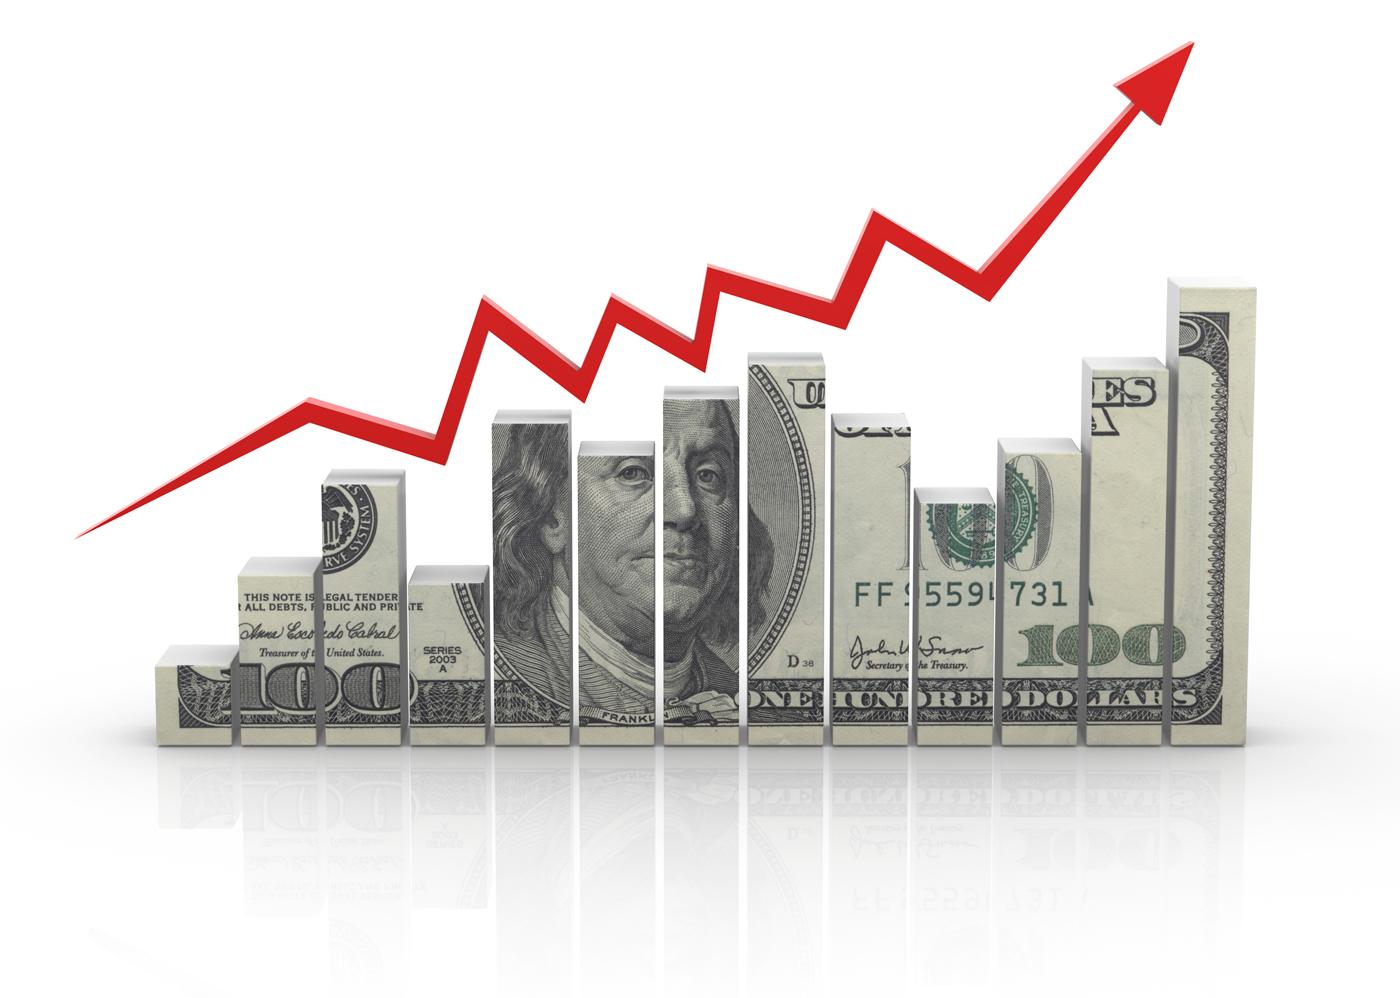 Las Compañías de ropa pueden utilizar un préstamo de negocios para aumentar su inventario